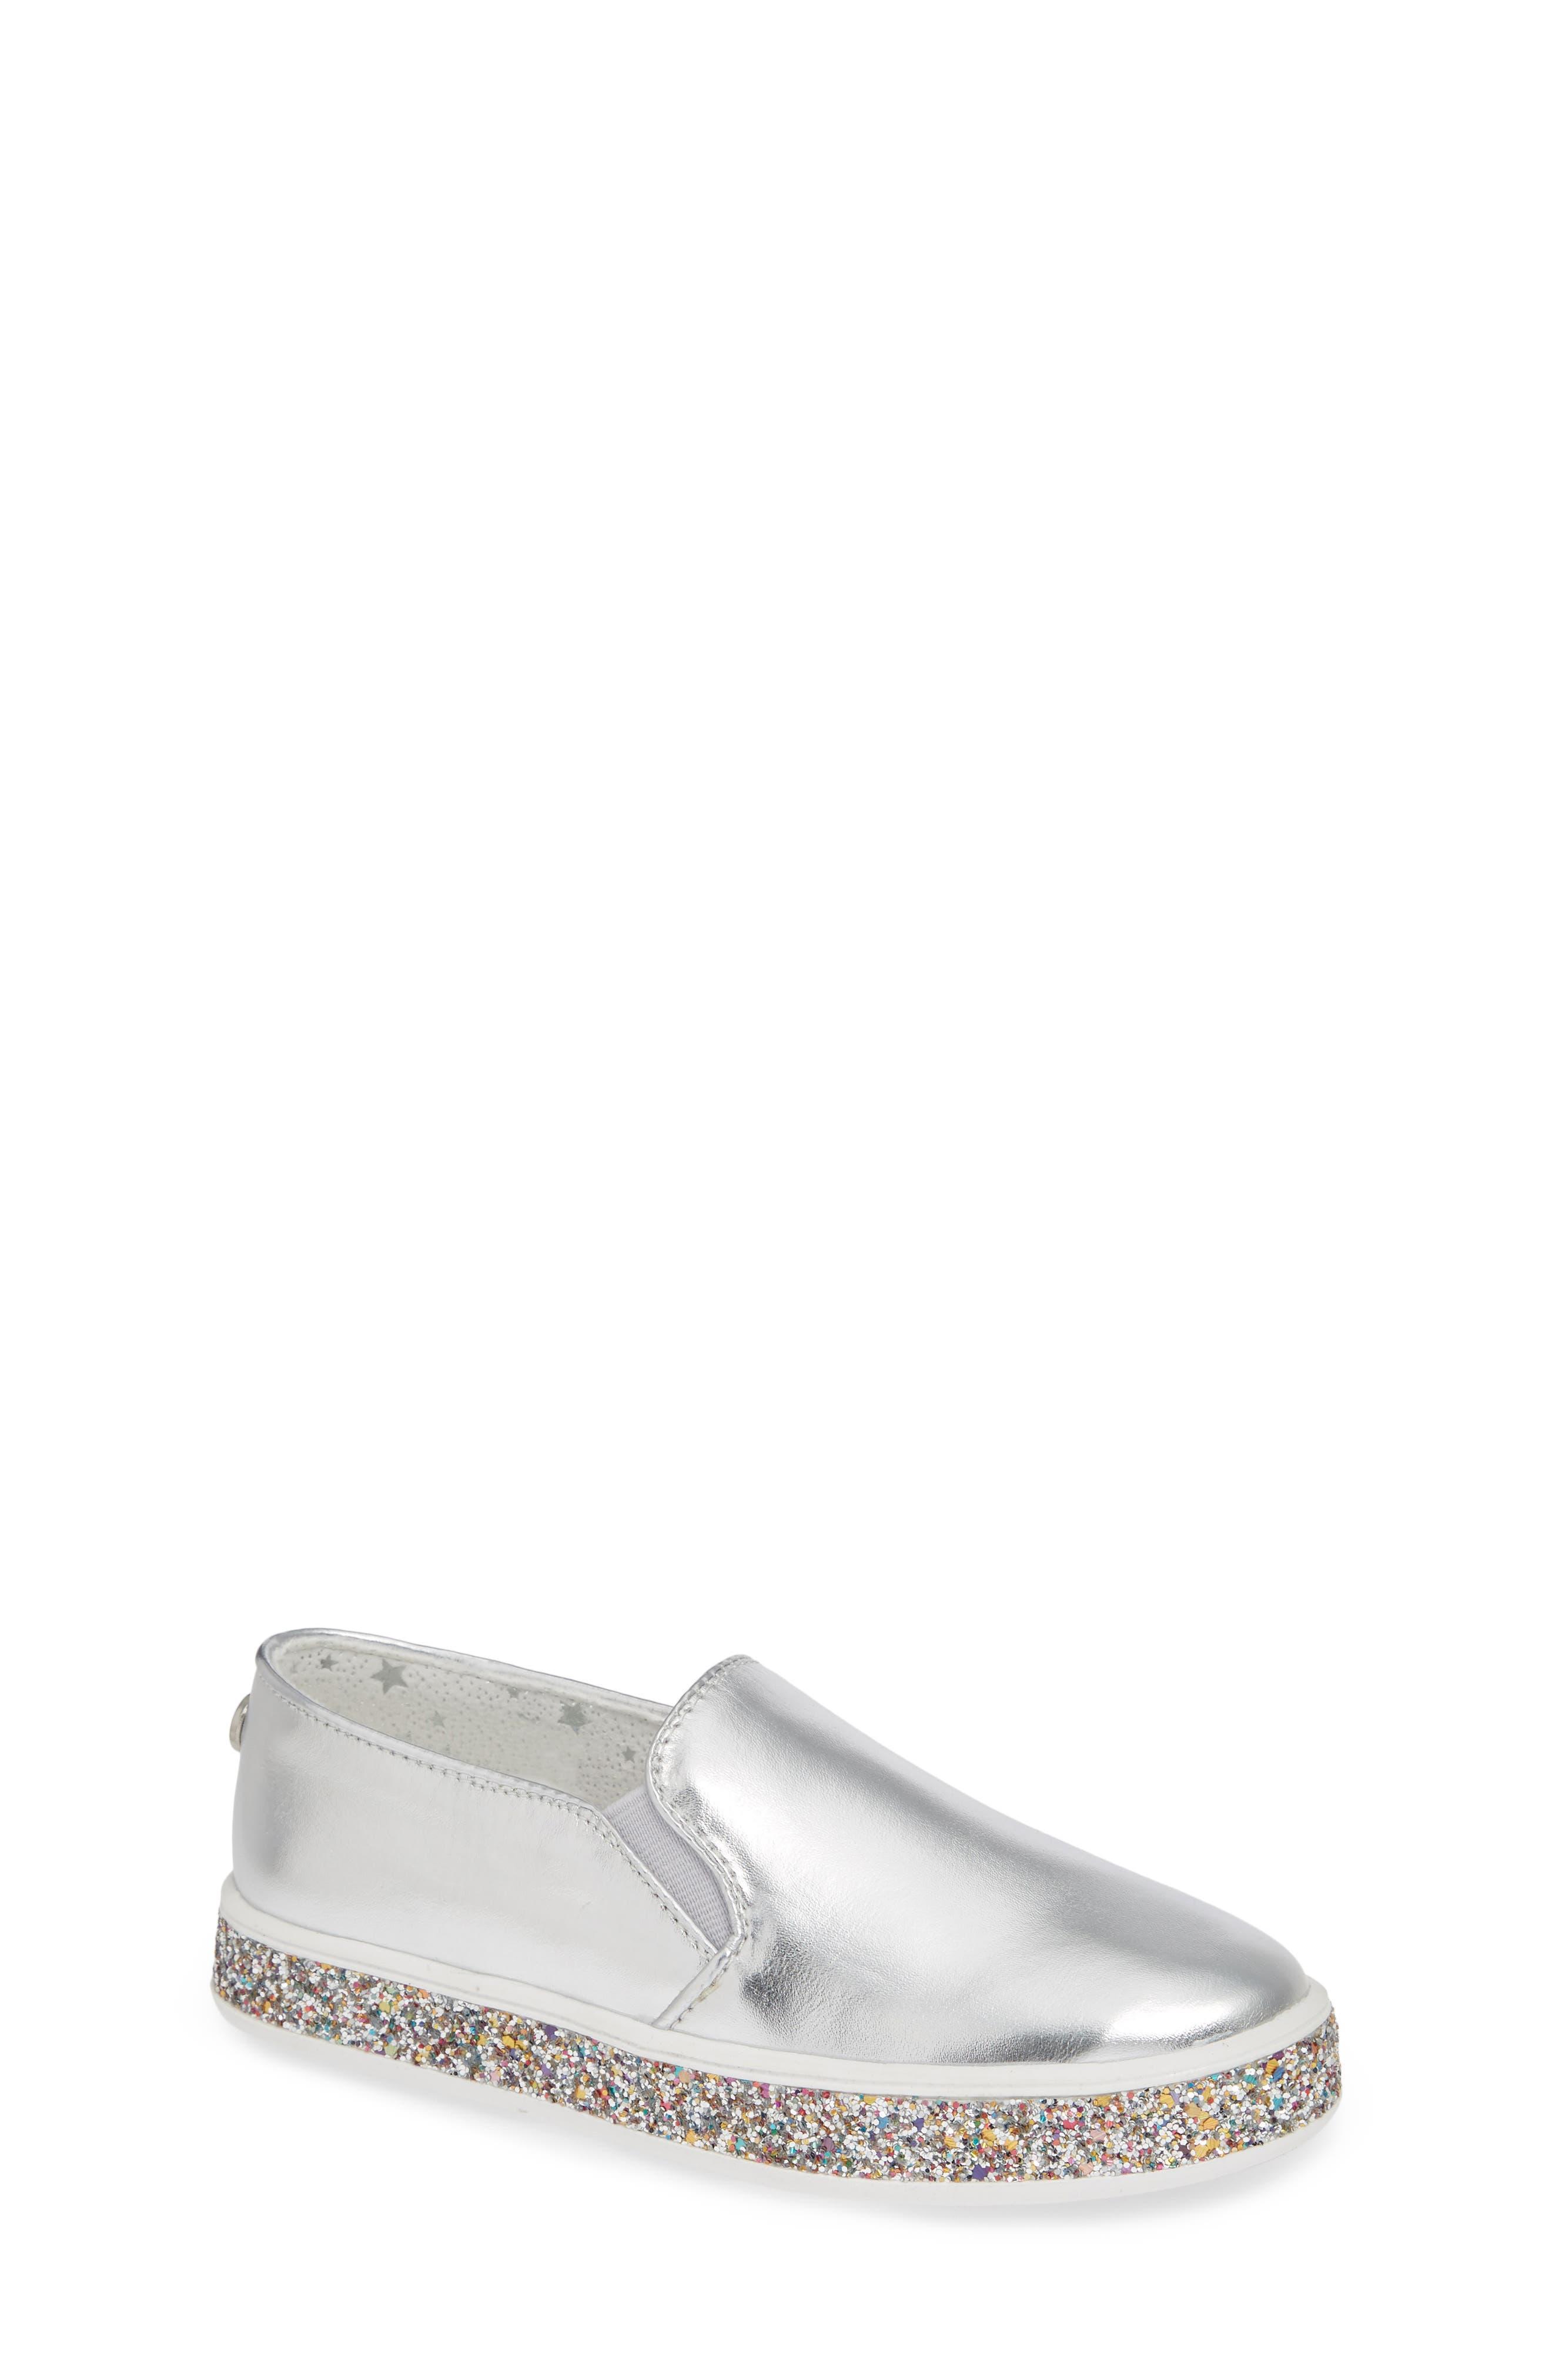 Jglorie Glitter Slip-On Sneaker,                             Main thumbnail 1, color,                             SILVER